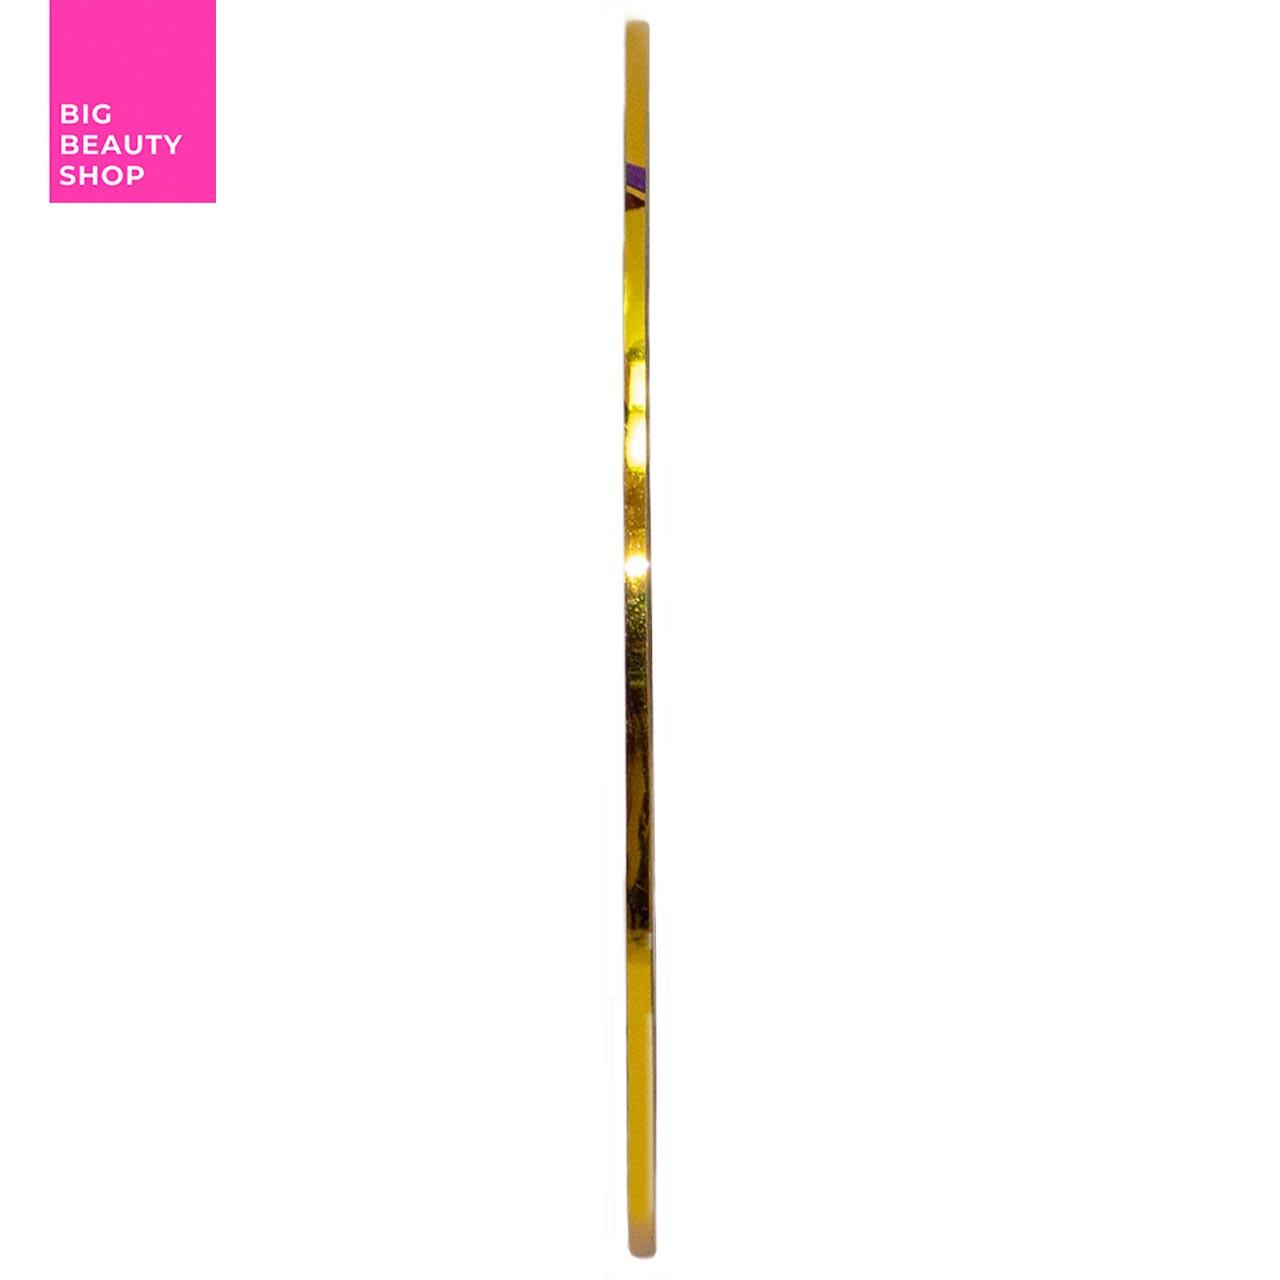 Голографическая полоска для ногтей ANVI 1 мм (золота)